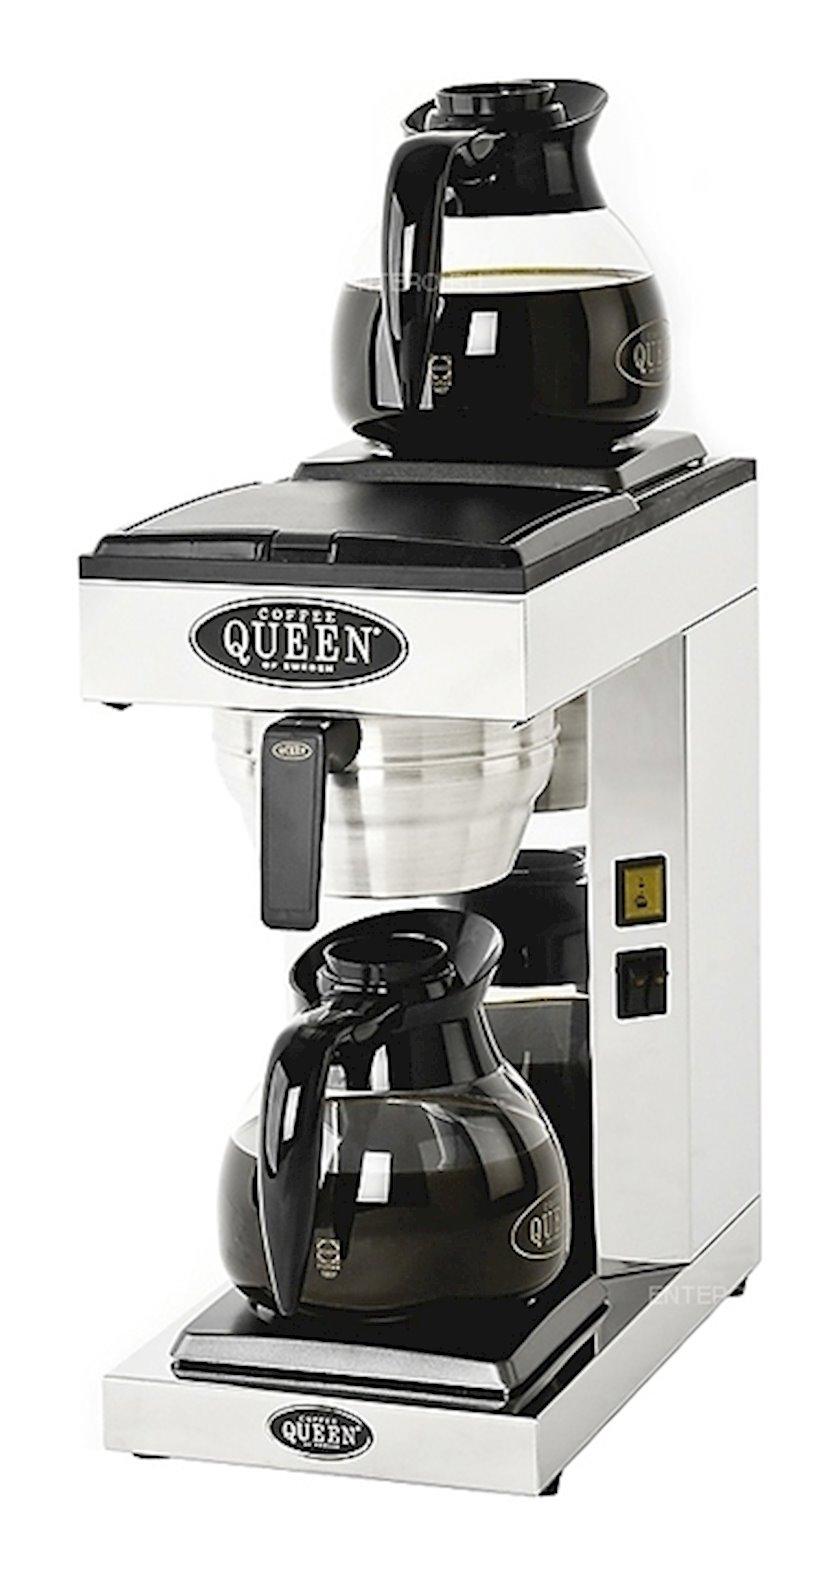 Qəhvədəmləyən FİLTER COFFEE MACHINE M 2